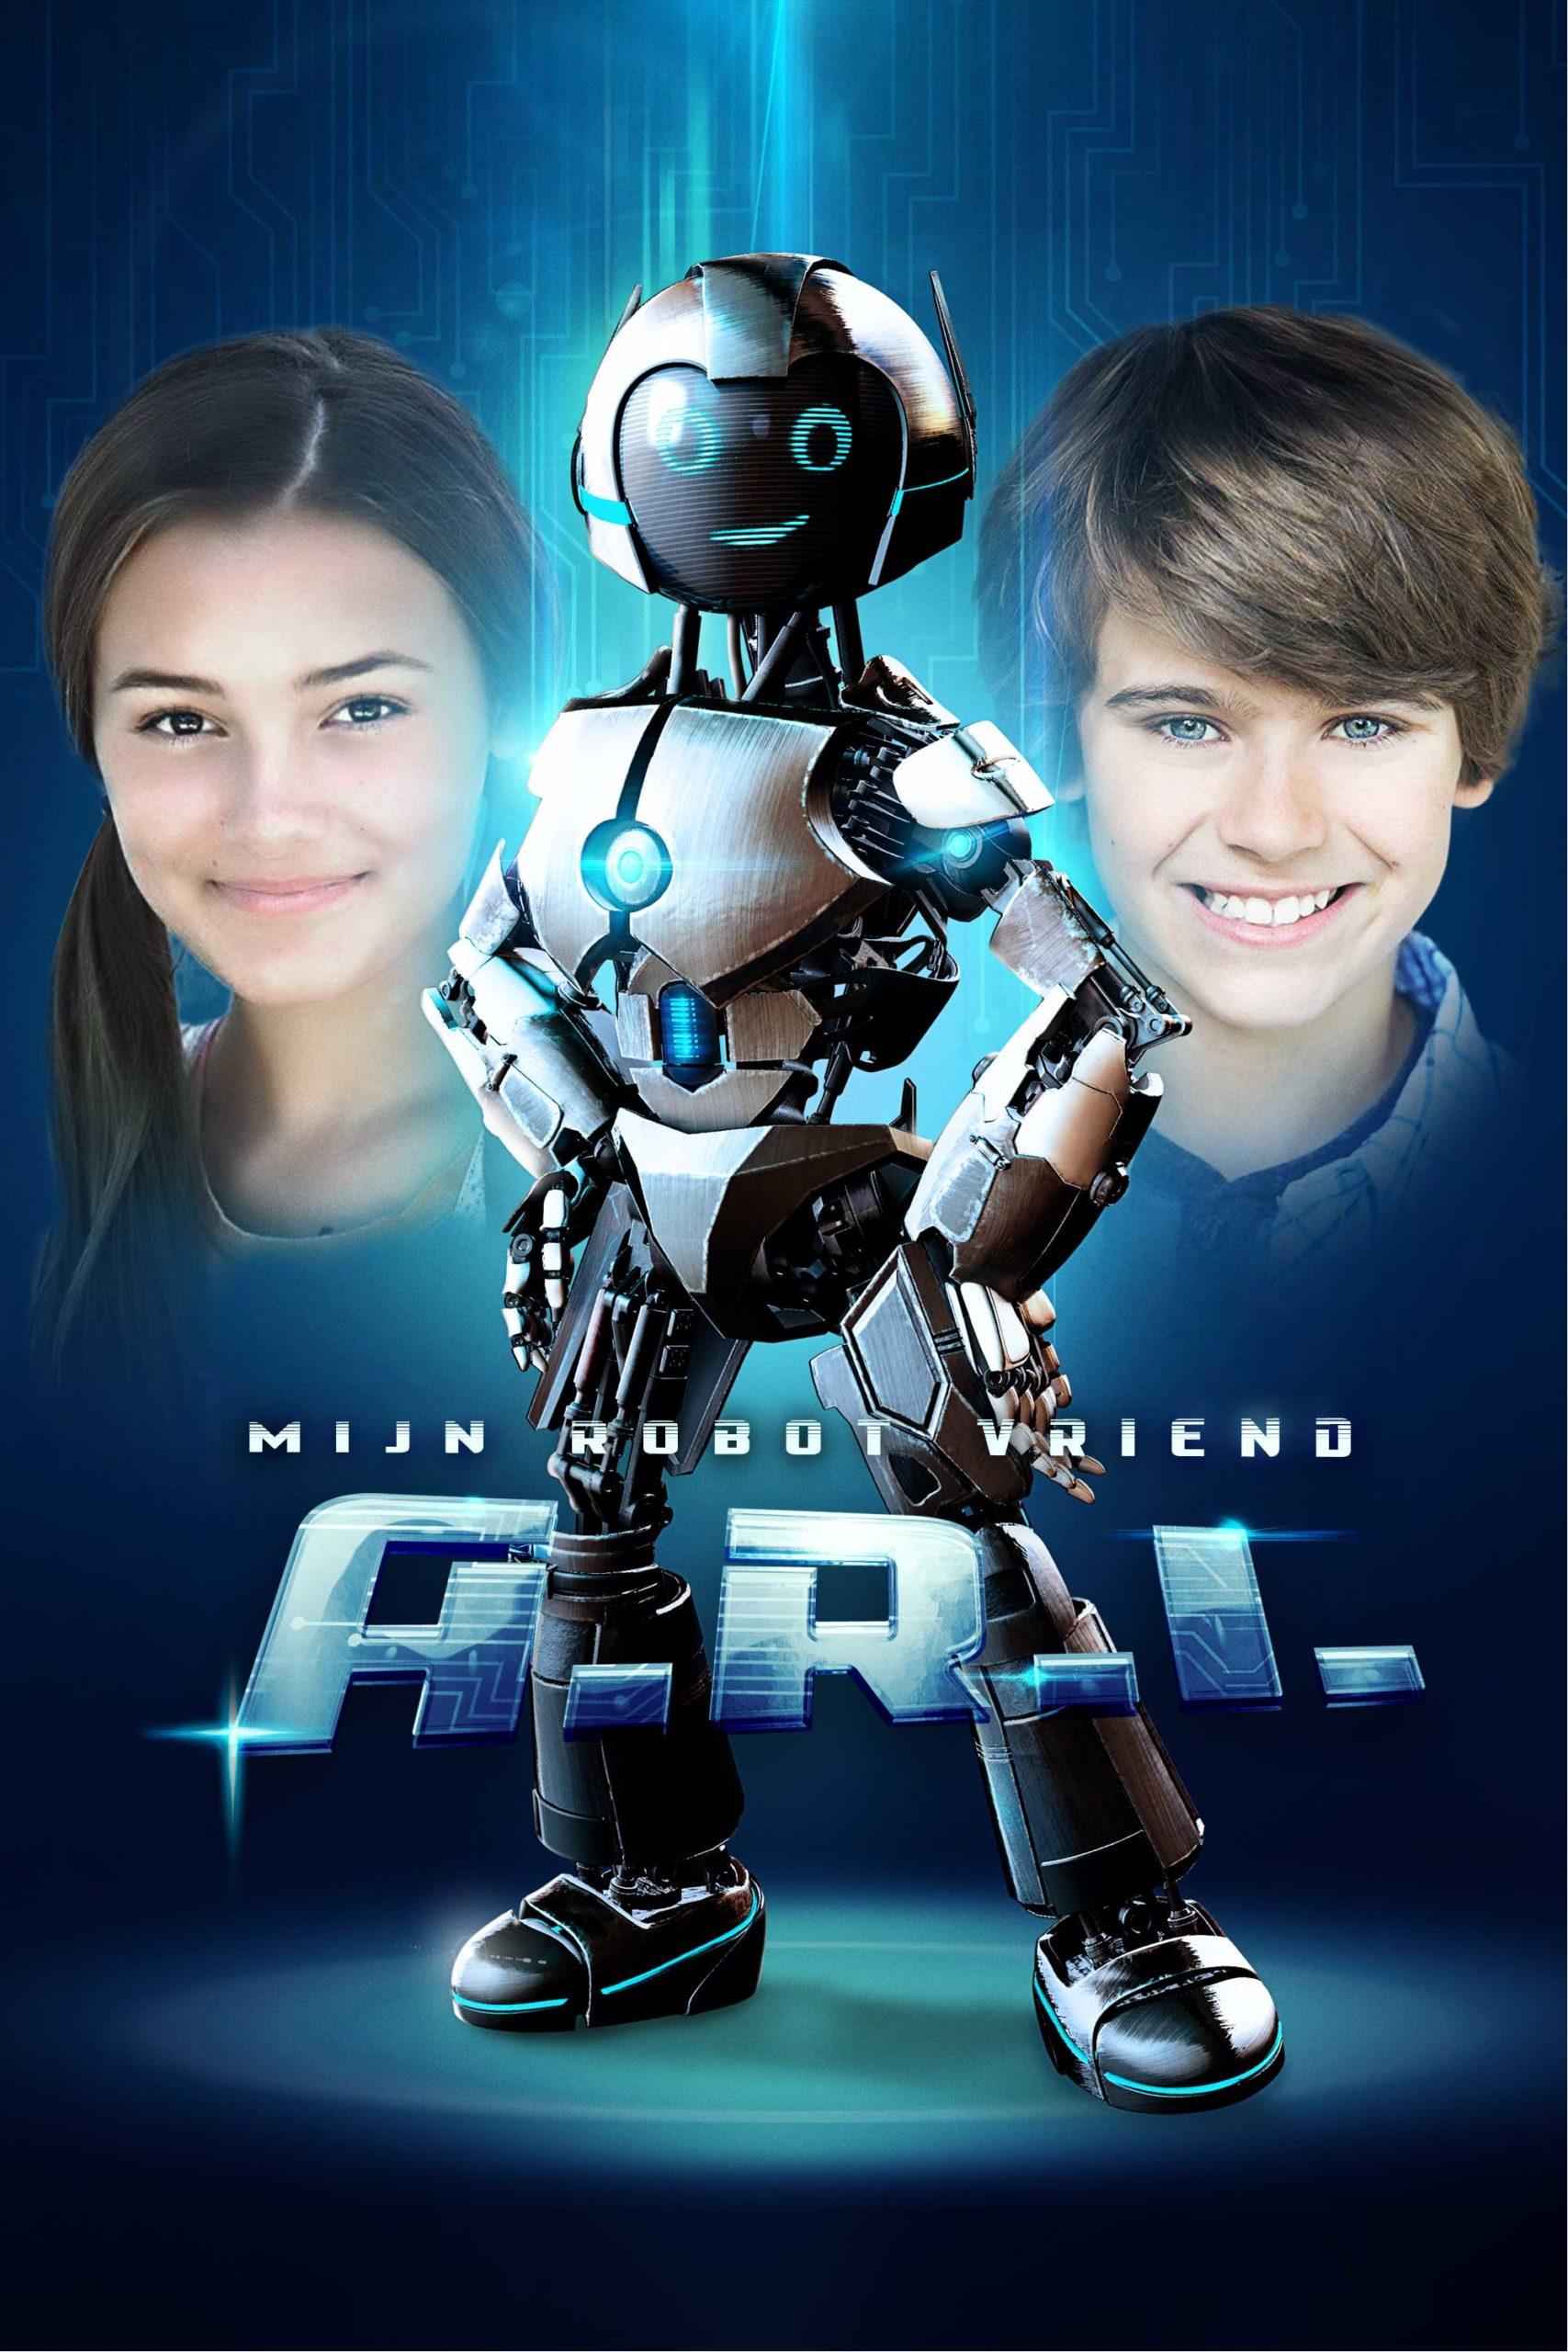 Mijn robot vriend ARI